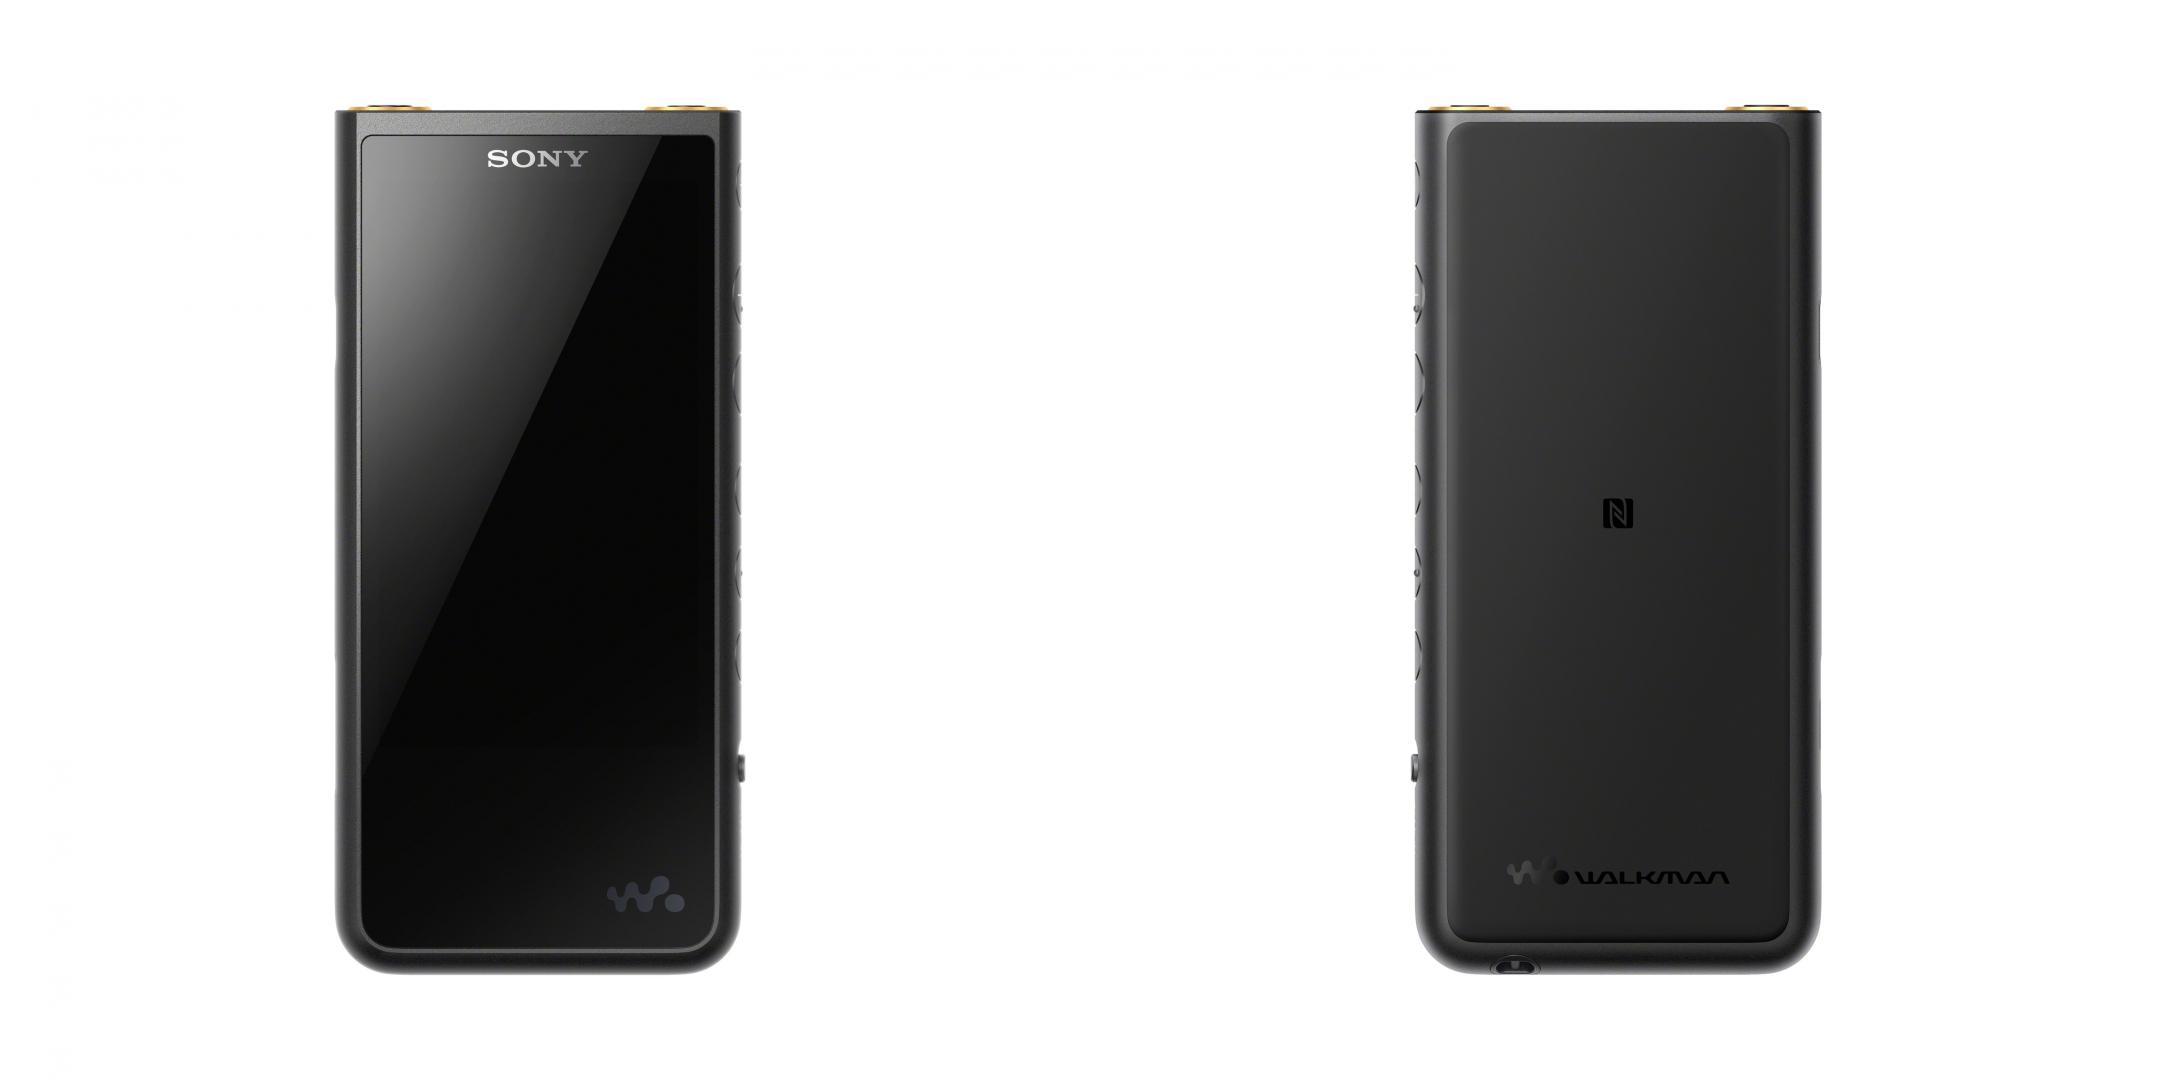 Sony Walkman® NW-ZX500